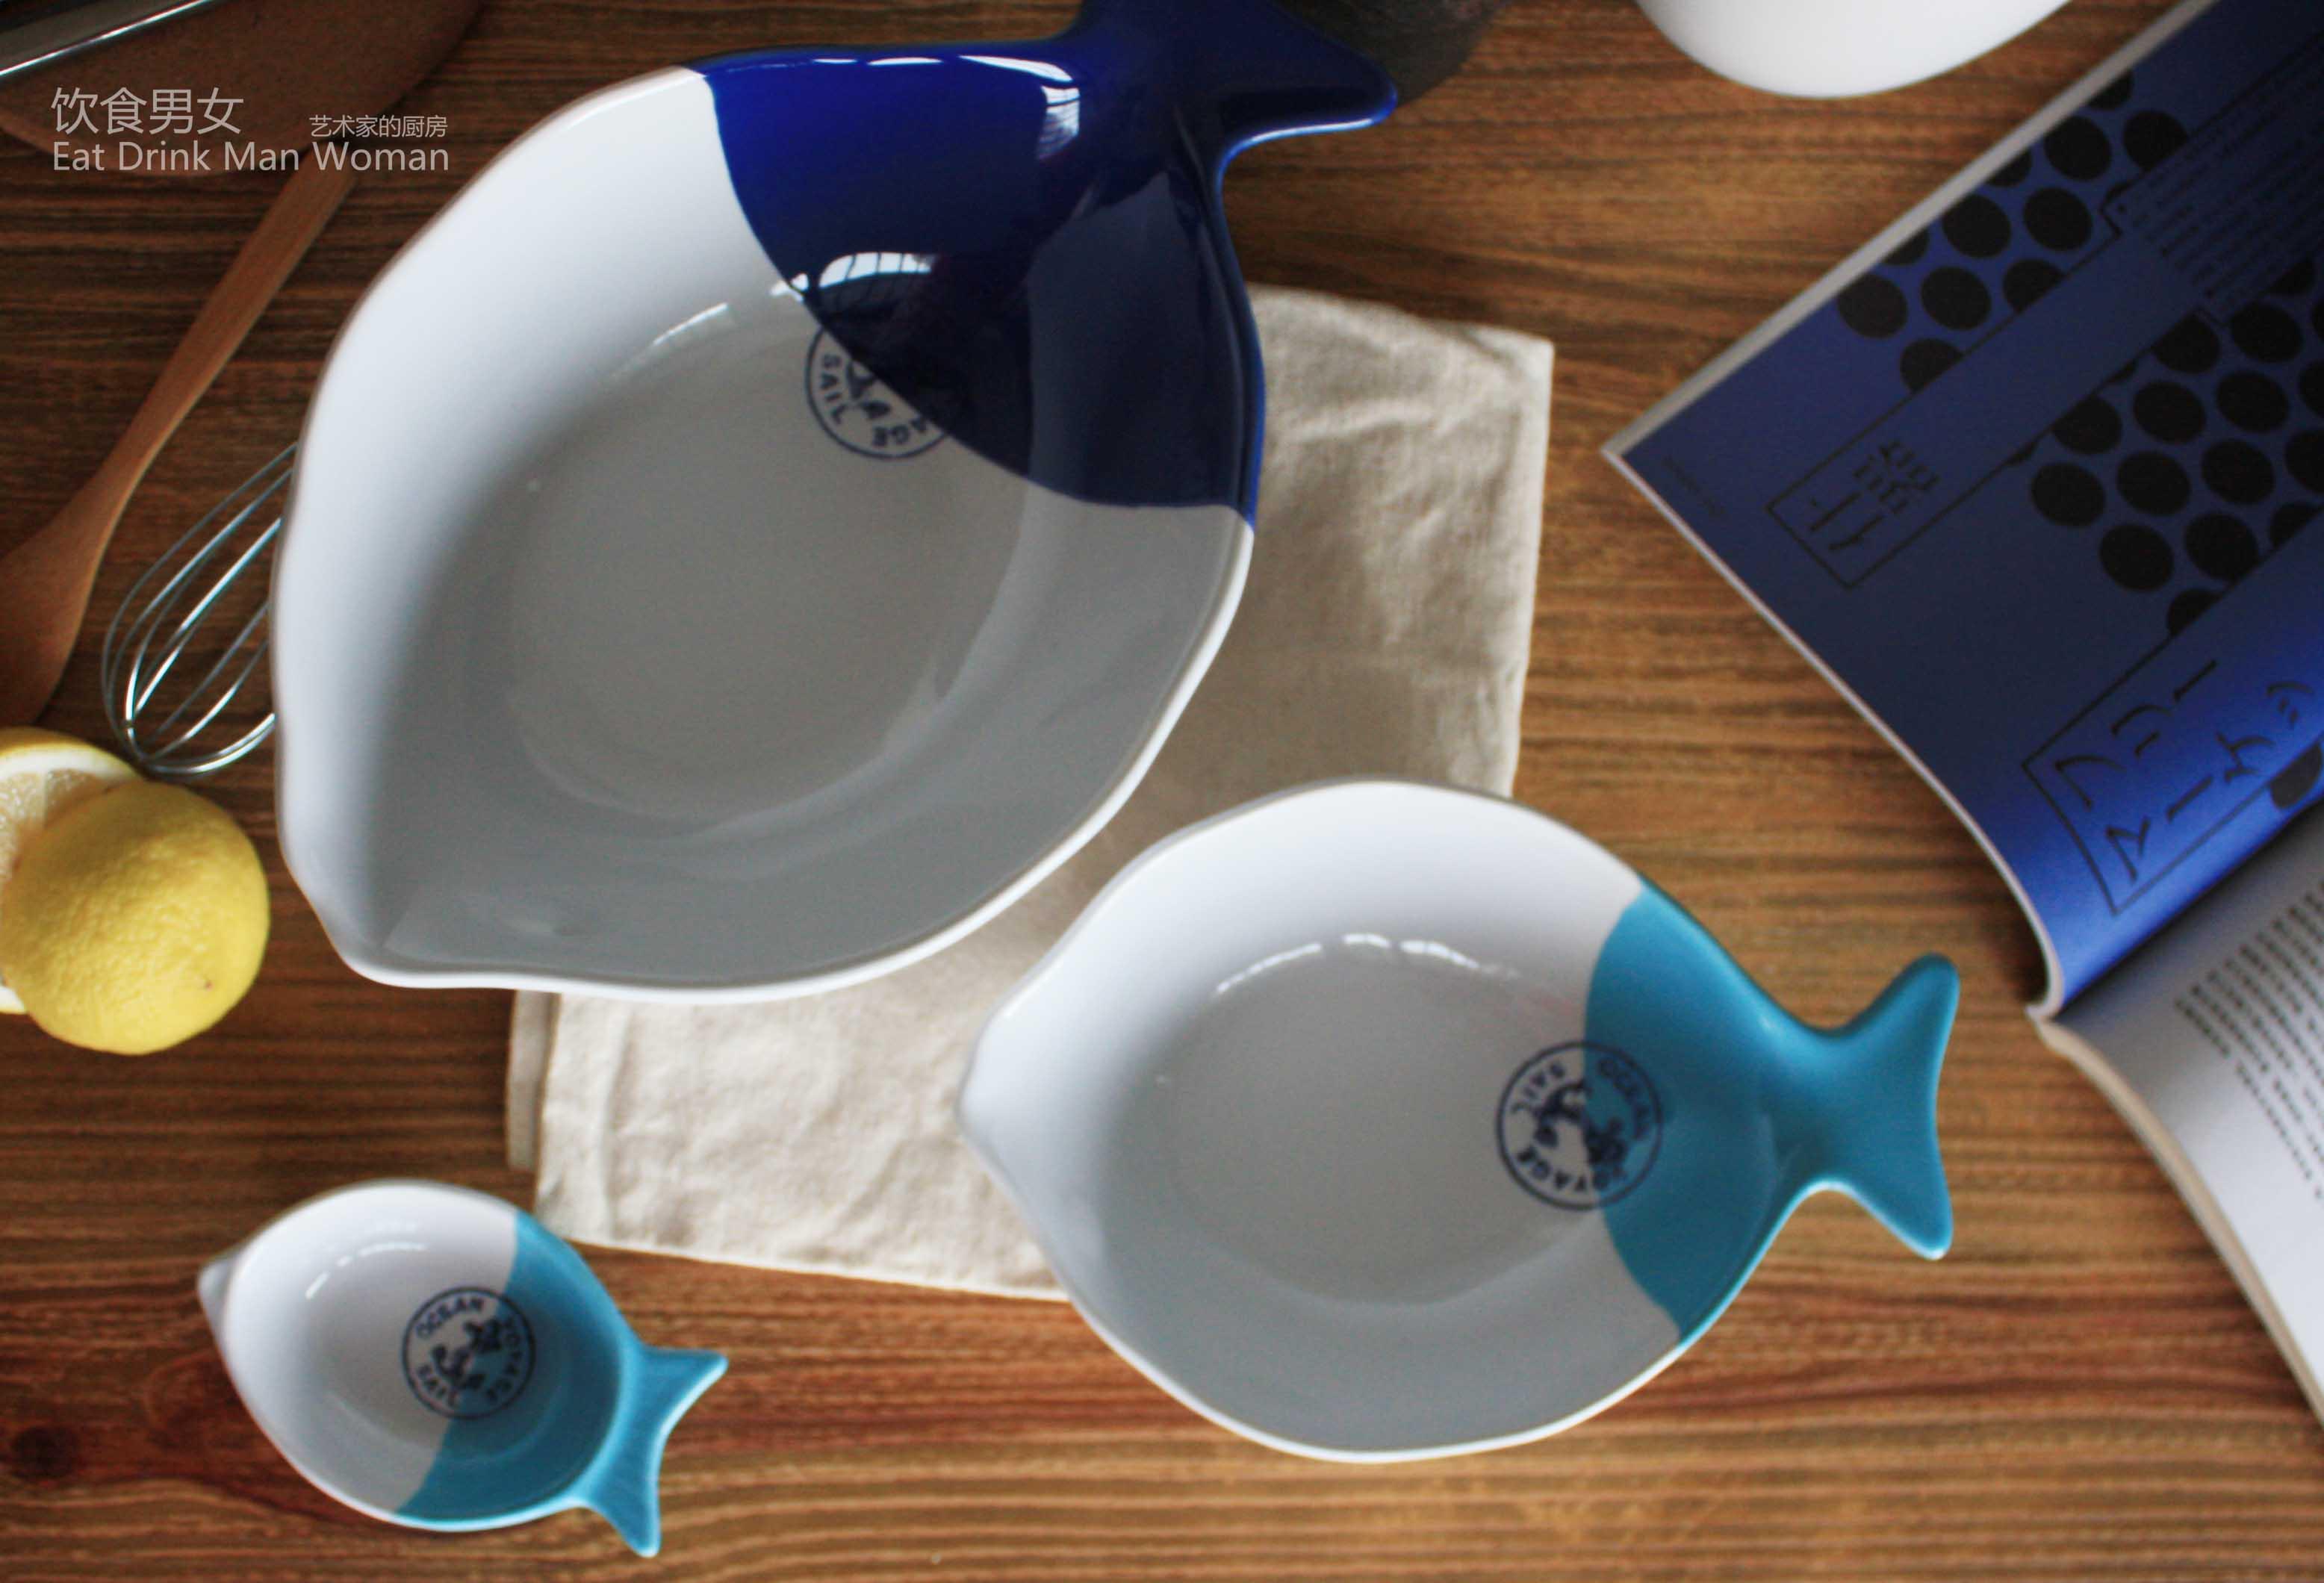 地中海风格海锚印章图案 复古手工双色陶瓷鱼形碗 水果甜品碗碟